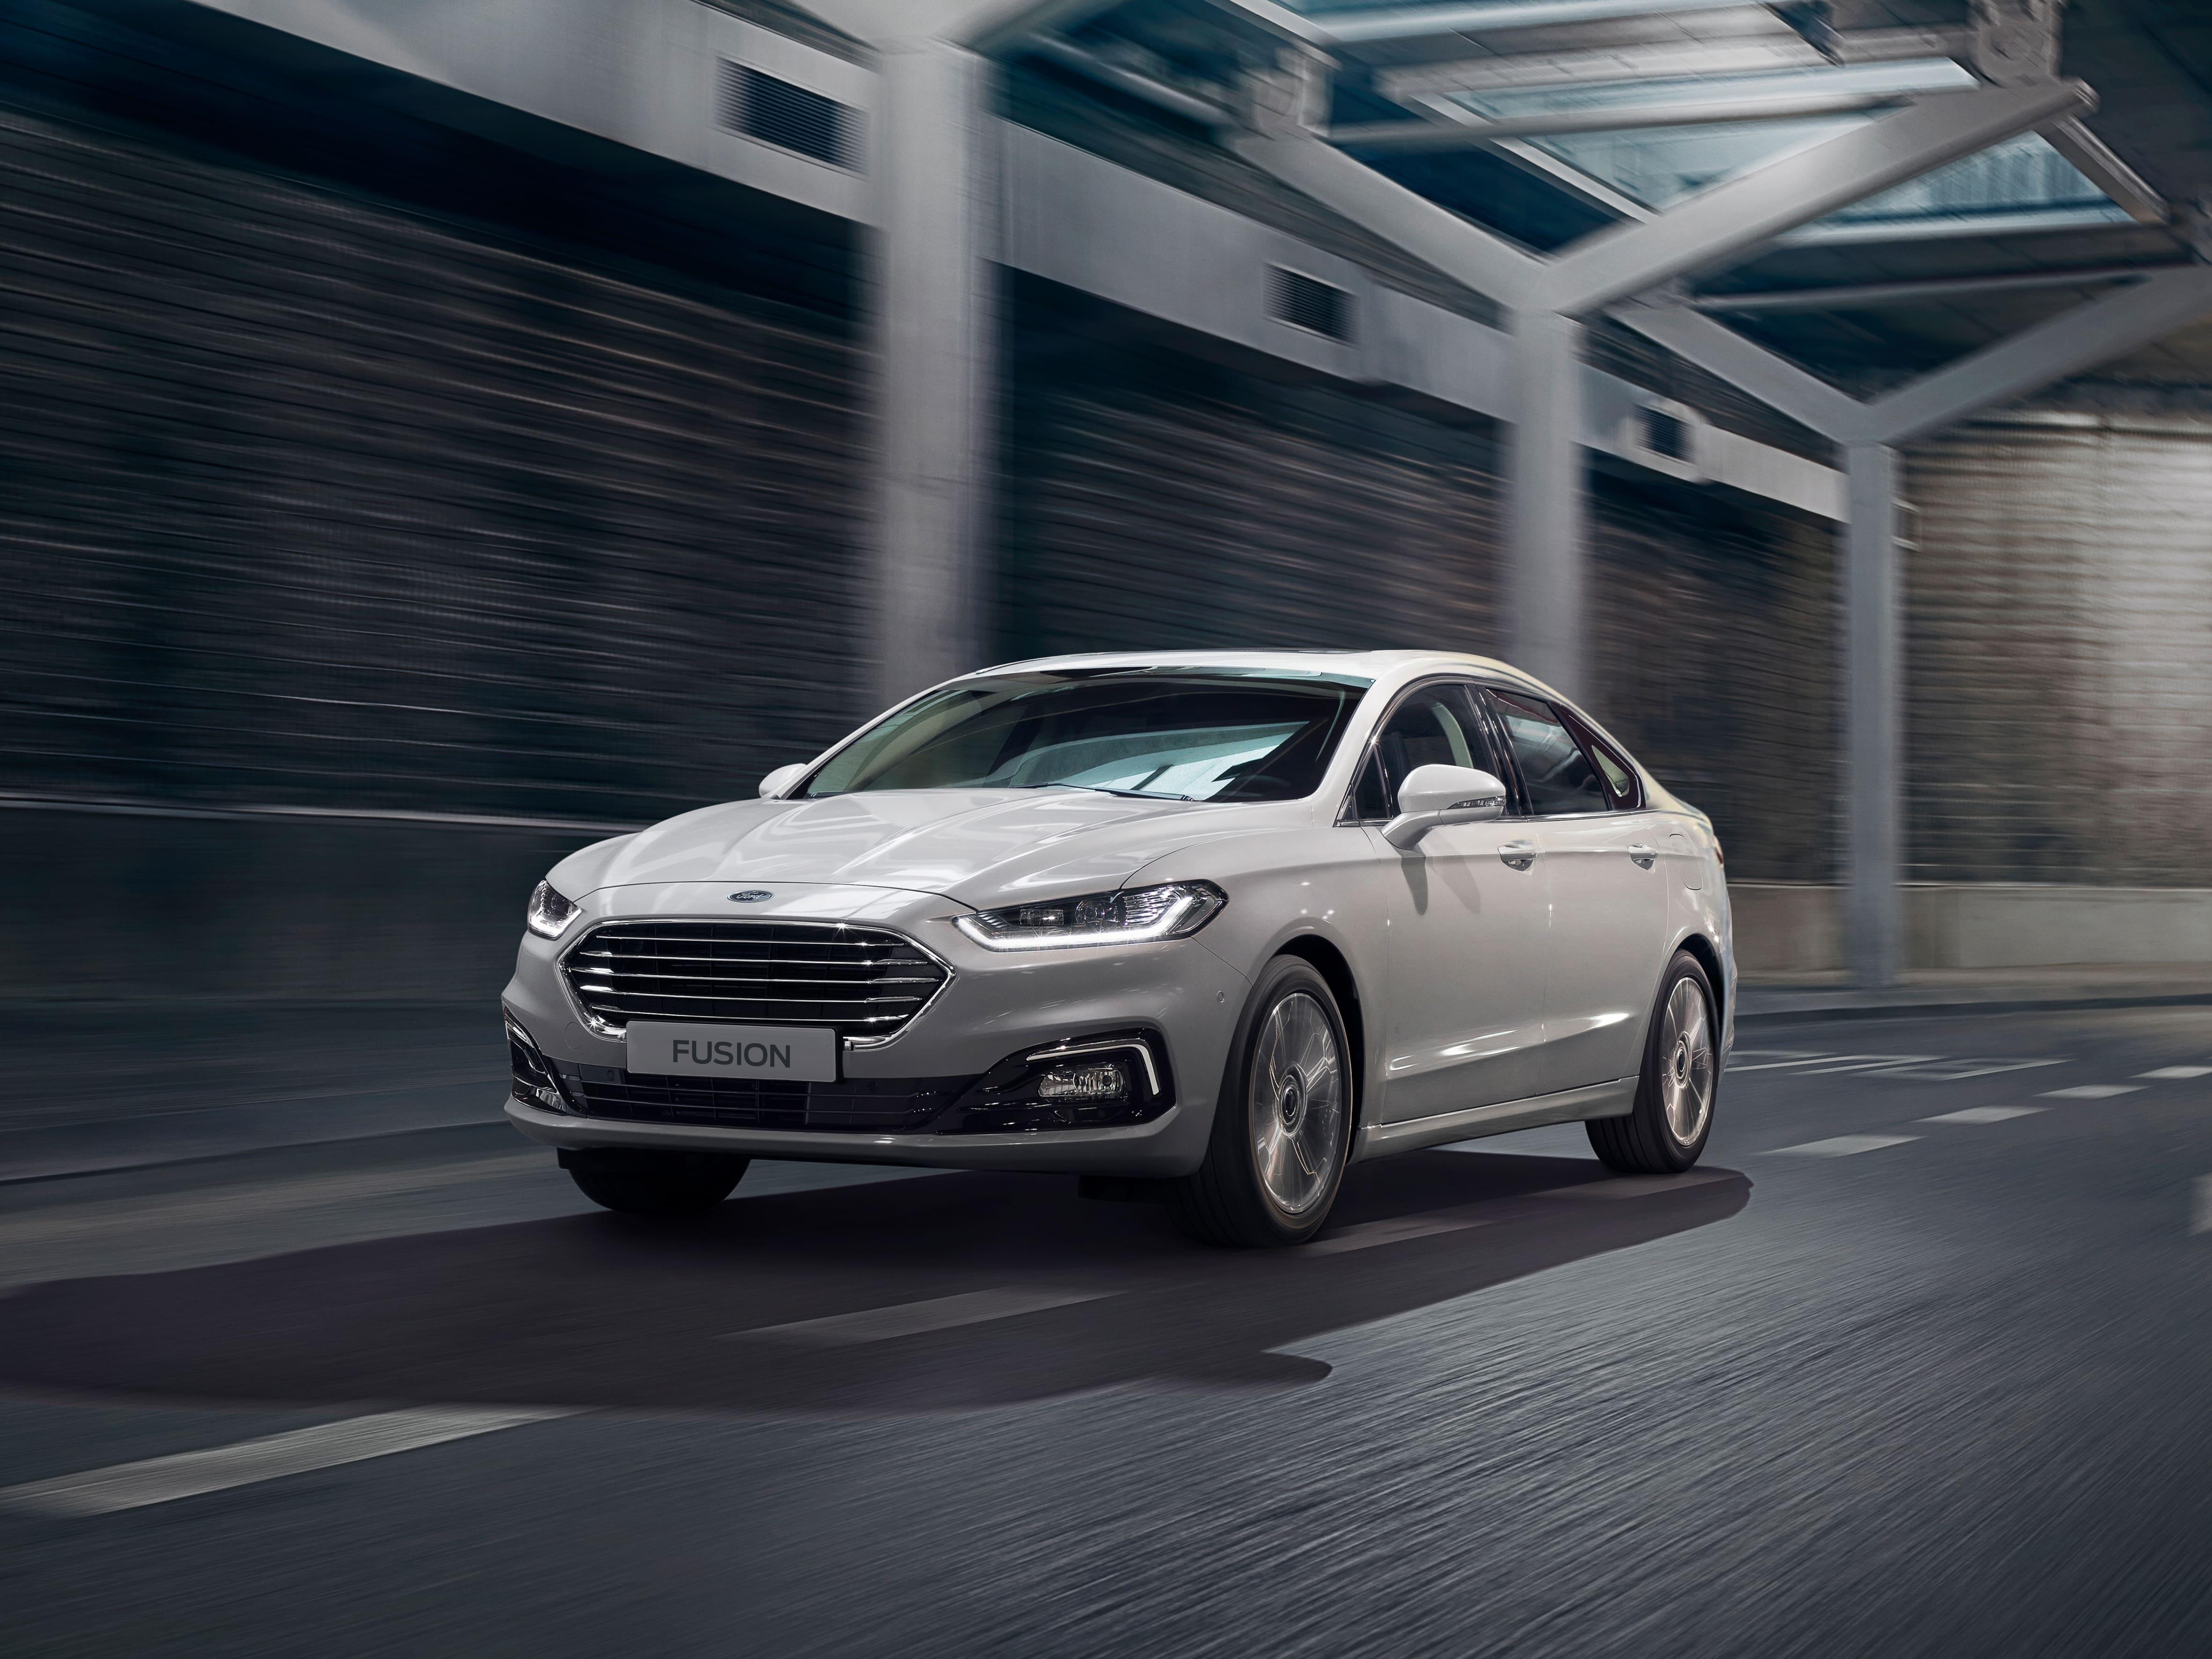 ford-fusion-2021-la-berline-familiale-re-stylee-offre-luxe-technologie-et-une-nouvelle-silhouette-elegante-et-moderne